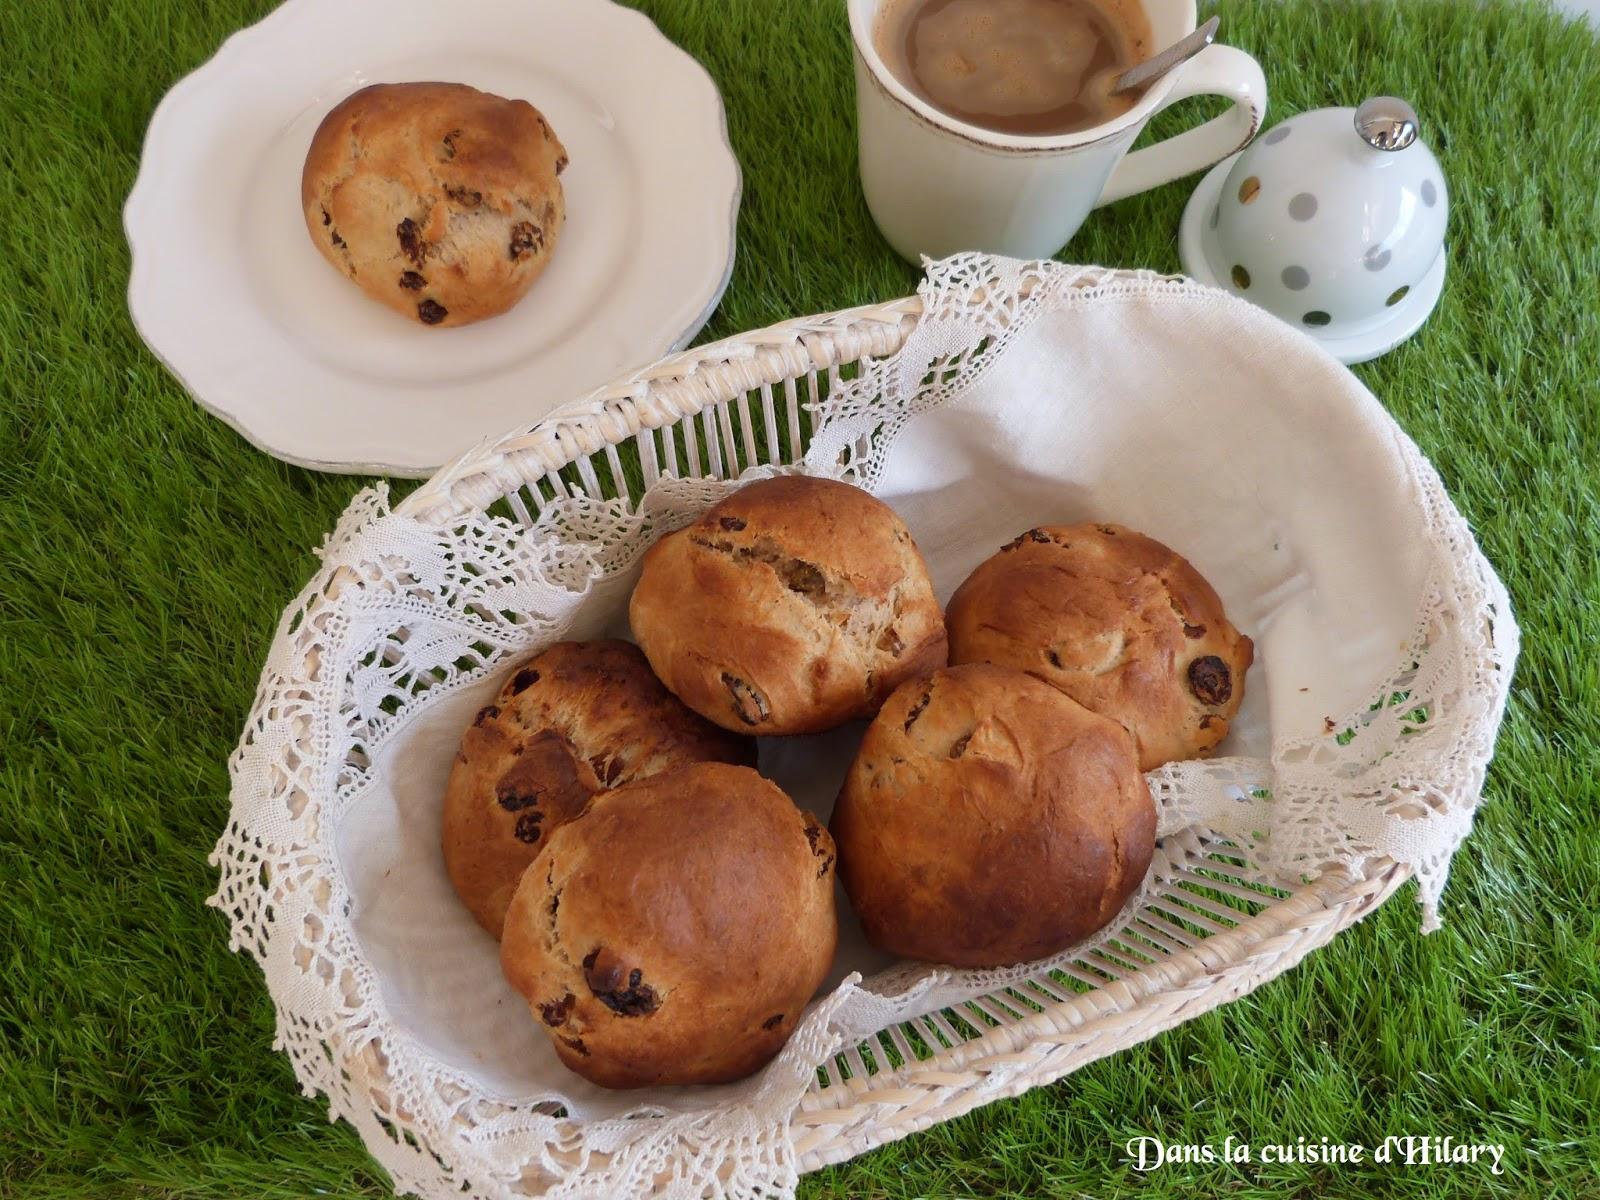 Petites brioches à la cannelle et raisins secs